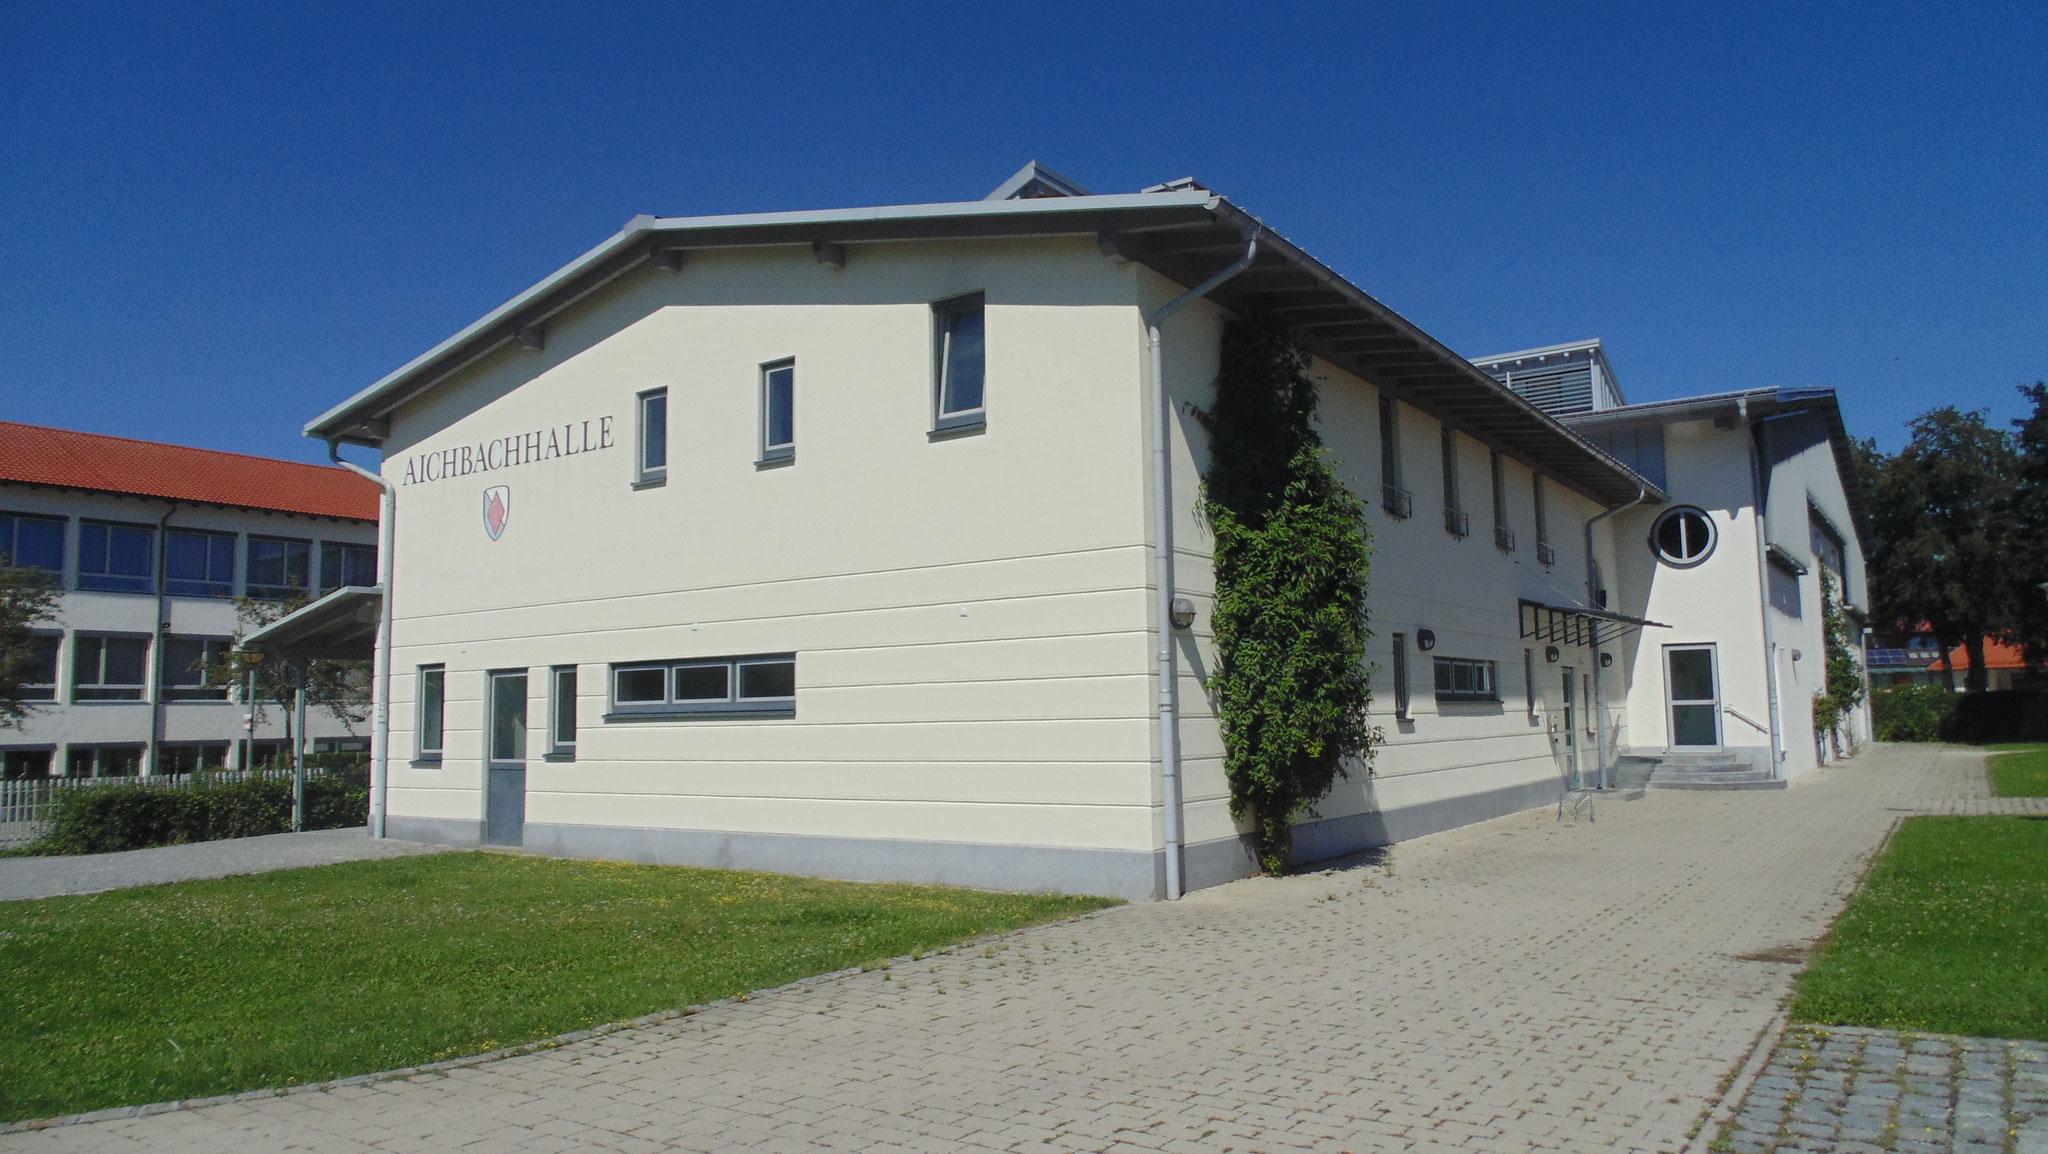 Neubau Zweifachturnhalle Niederaichbach 2002 - Seitenansicht